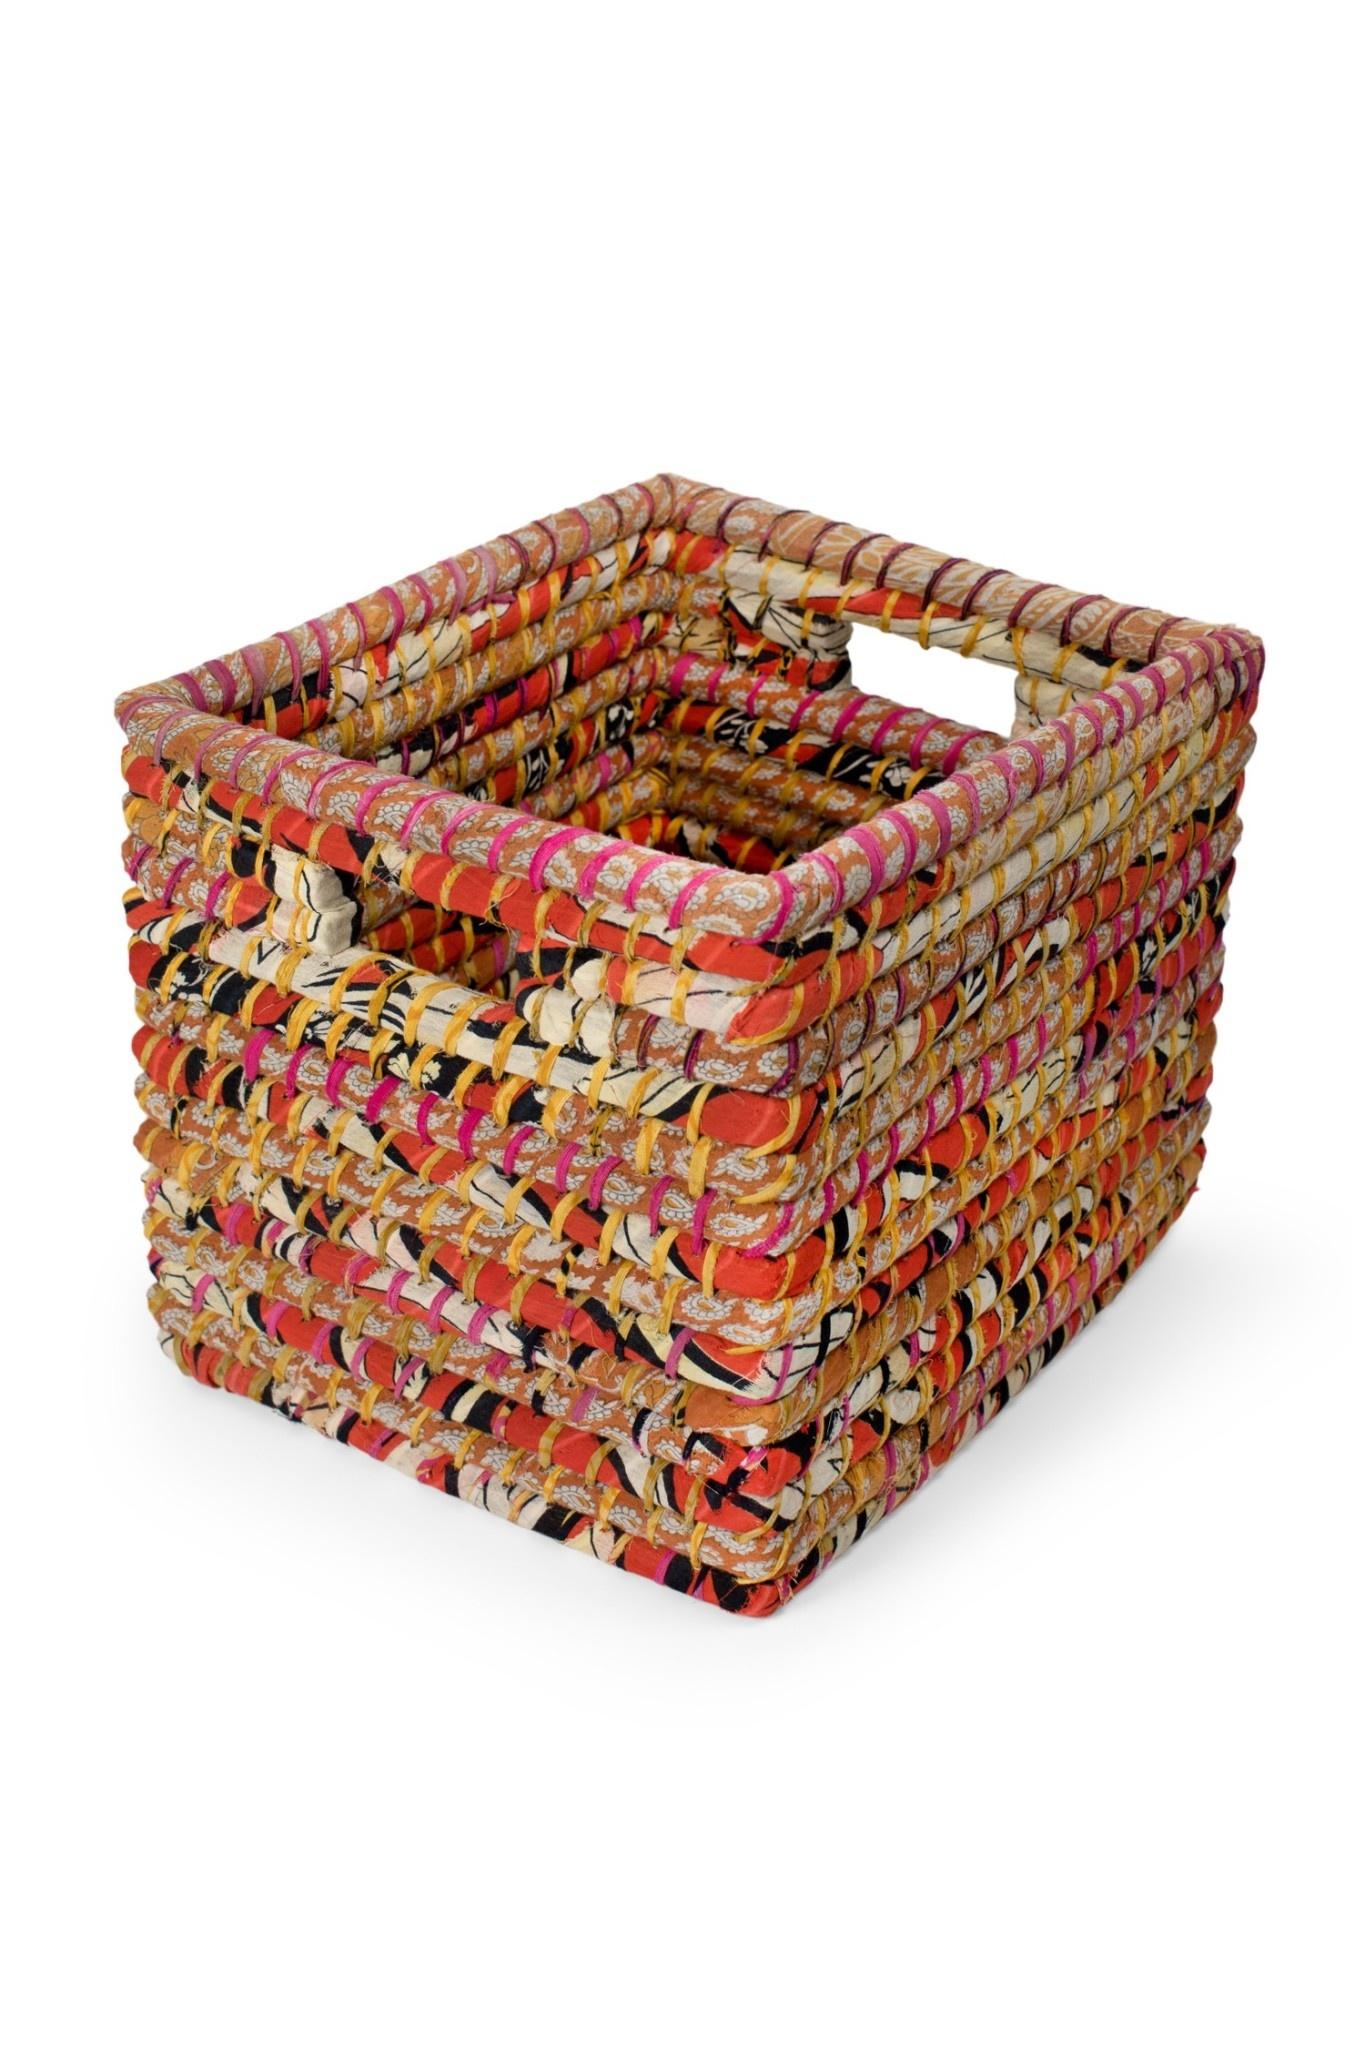 Basket Storage - Square Sari Large